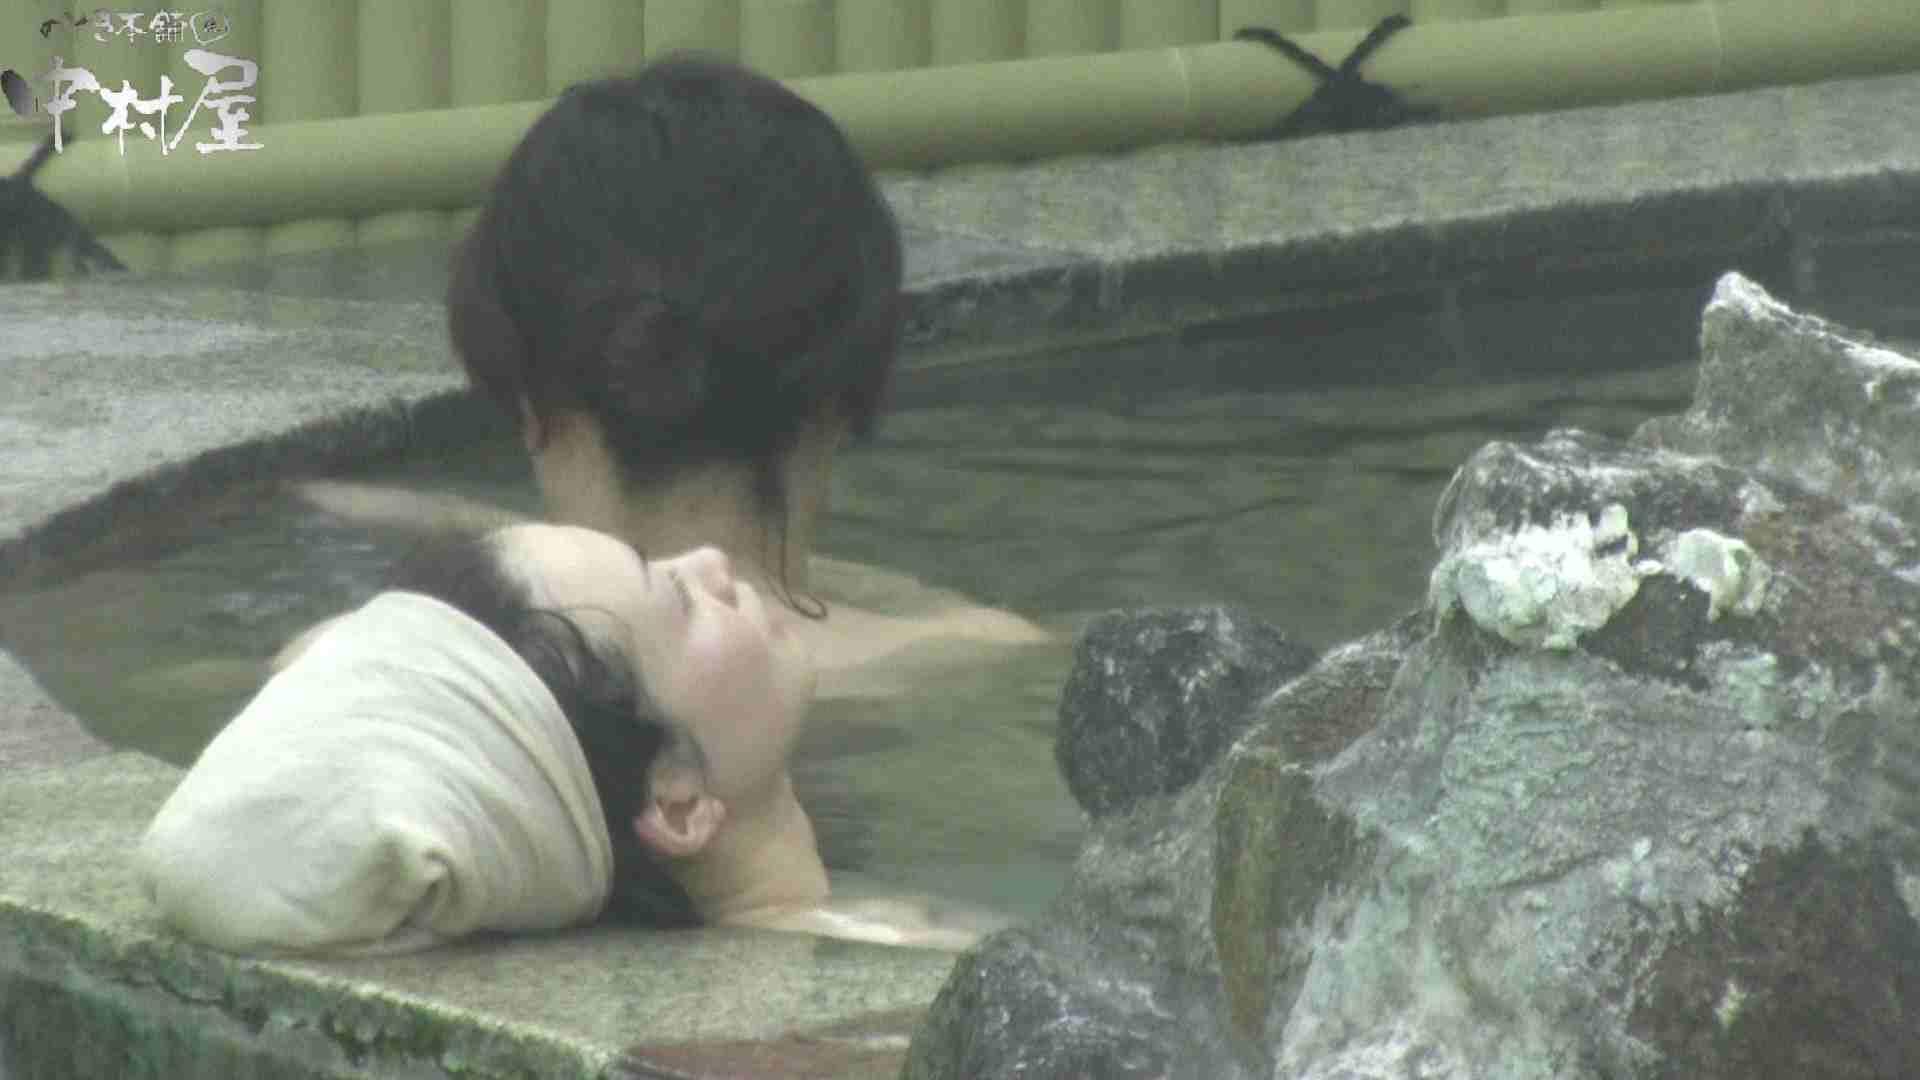 Aquaな露天風呂Vol.906 盗撮大放出 | 0  88連発 13